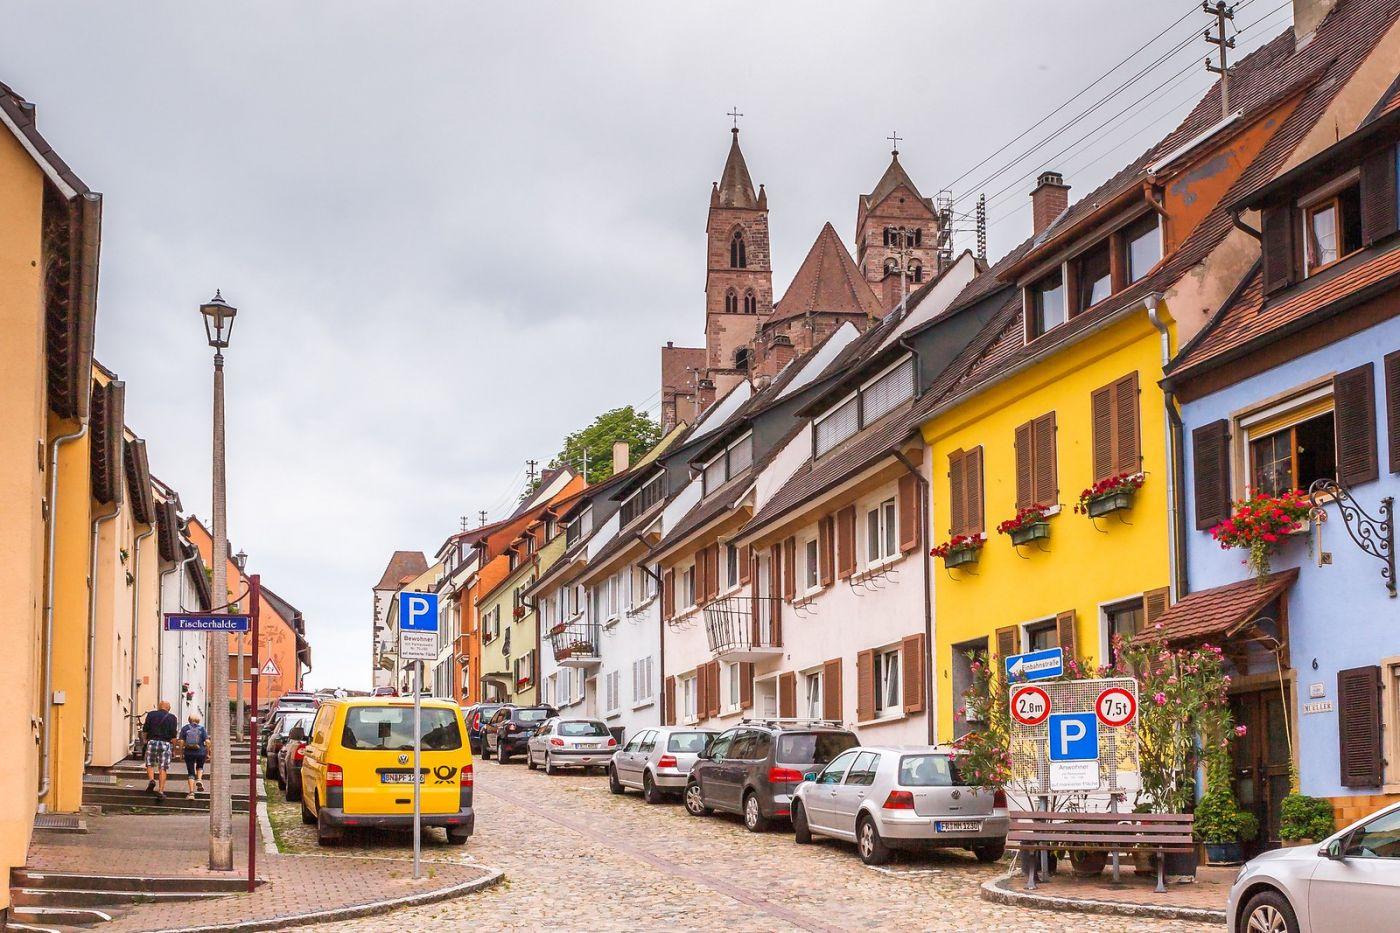 德国布赖萨赫(Breisach),城小历史久_图1-18